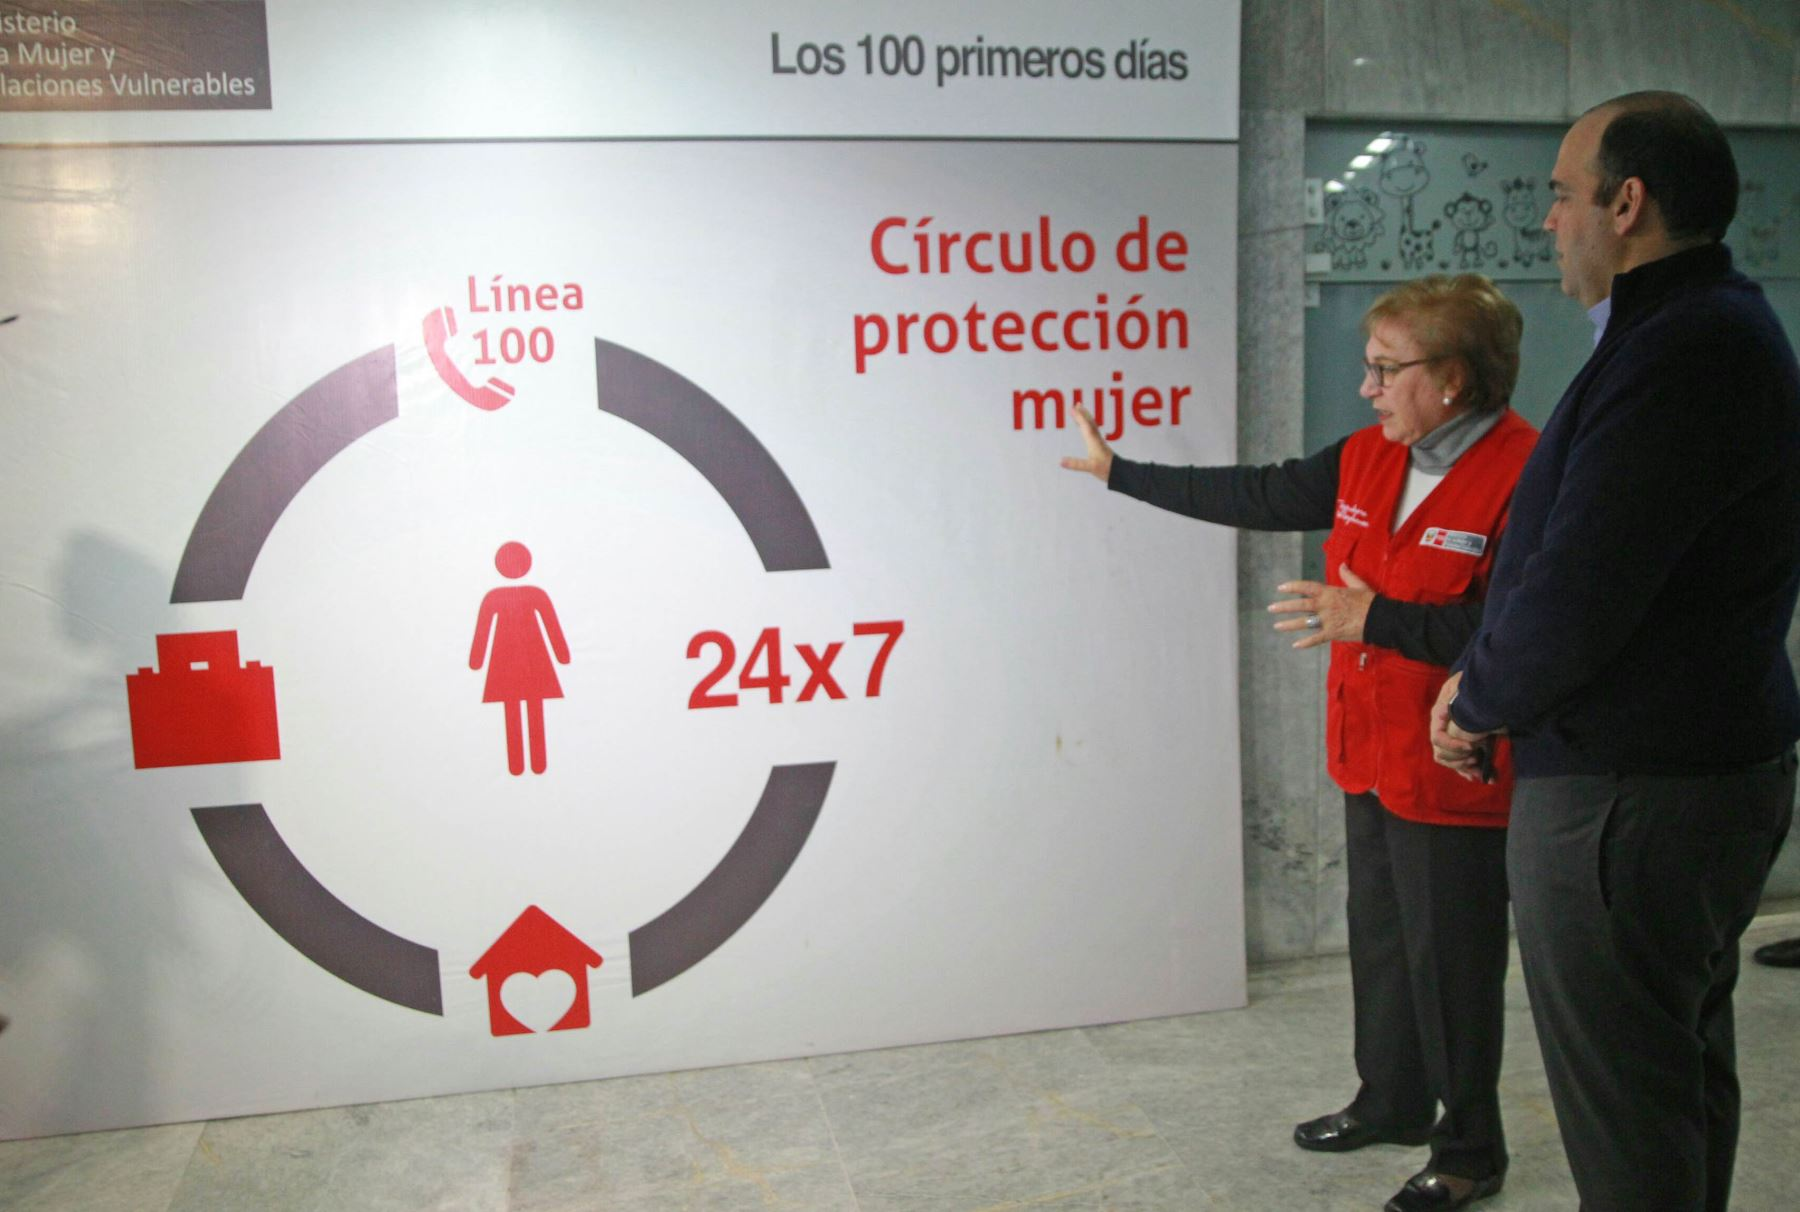 15/06/2017   LIMA-PERÚ, JUNIO 15. Presidente del Consejo de Ministros supervisa el Centro de Emergencia Mujer del Ministerio de la Mujer y Poblaciones Vulnerables. Foto: ANDINA/ Luis Iparraguirre